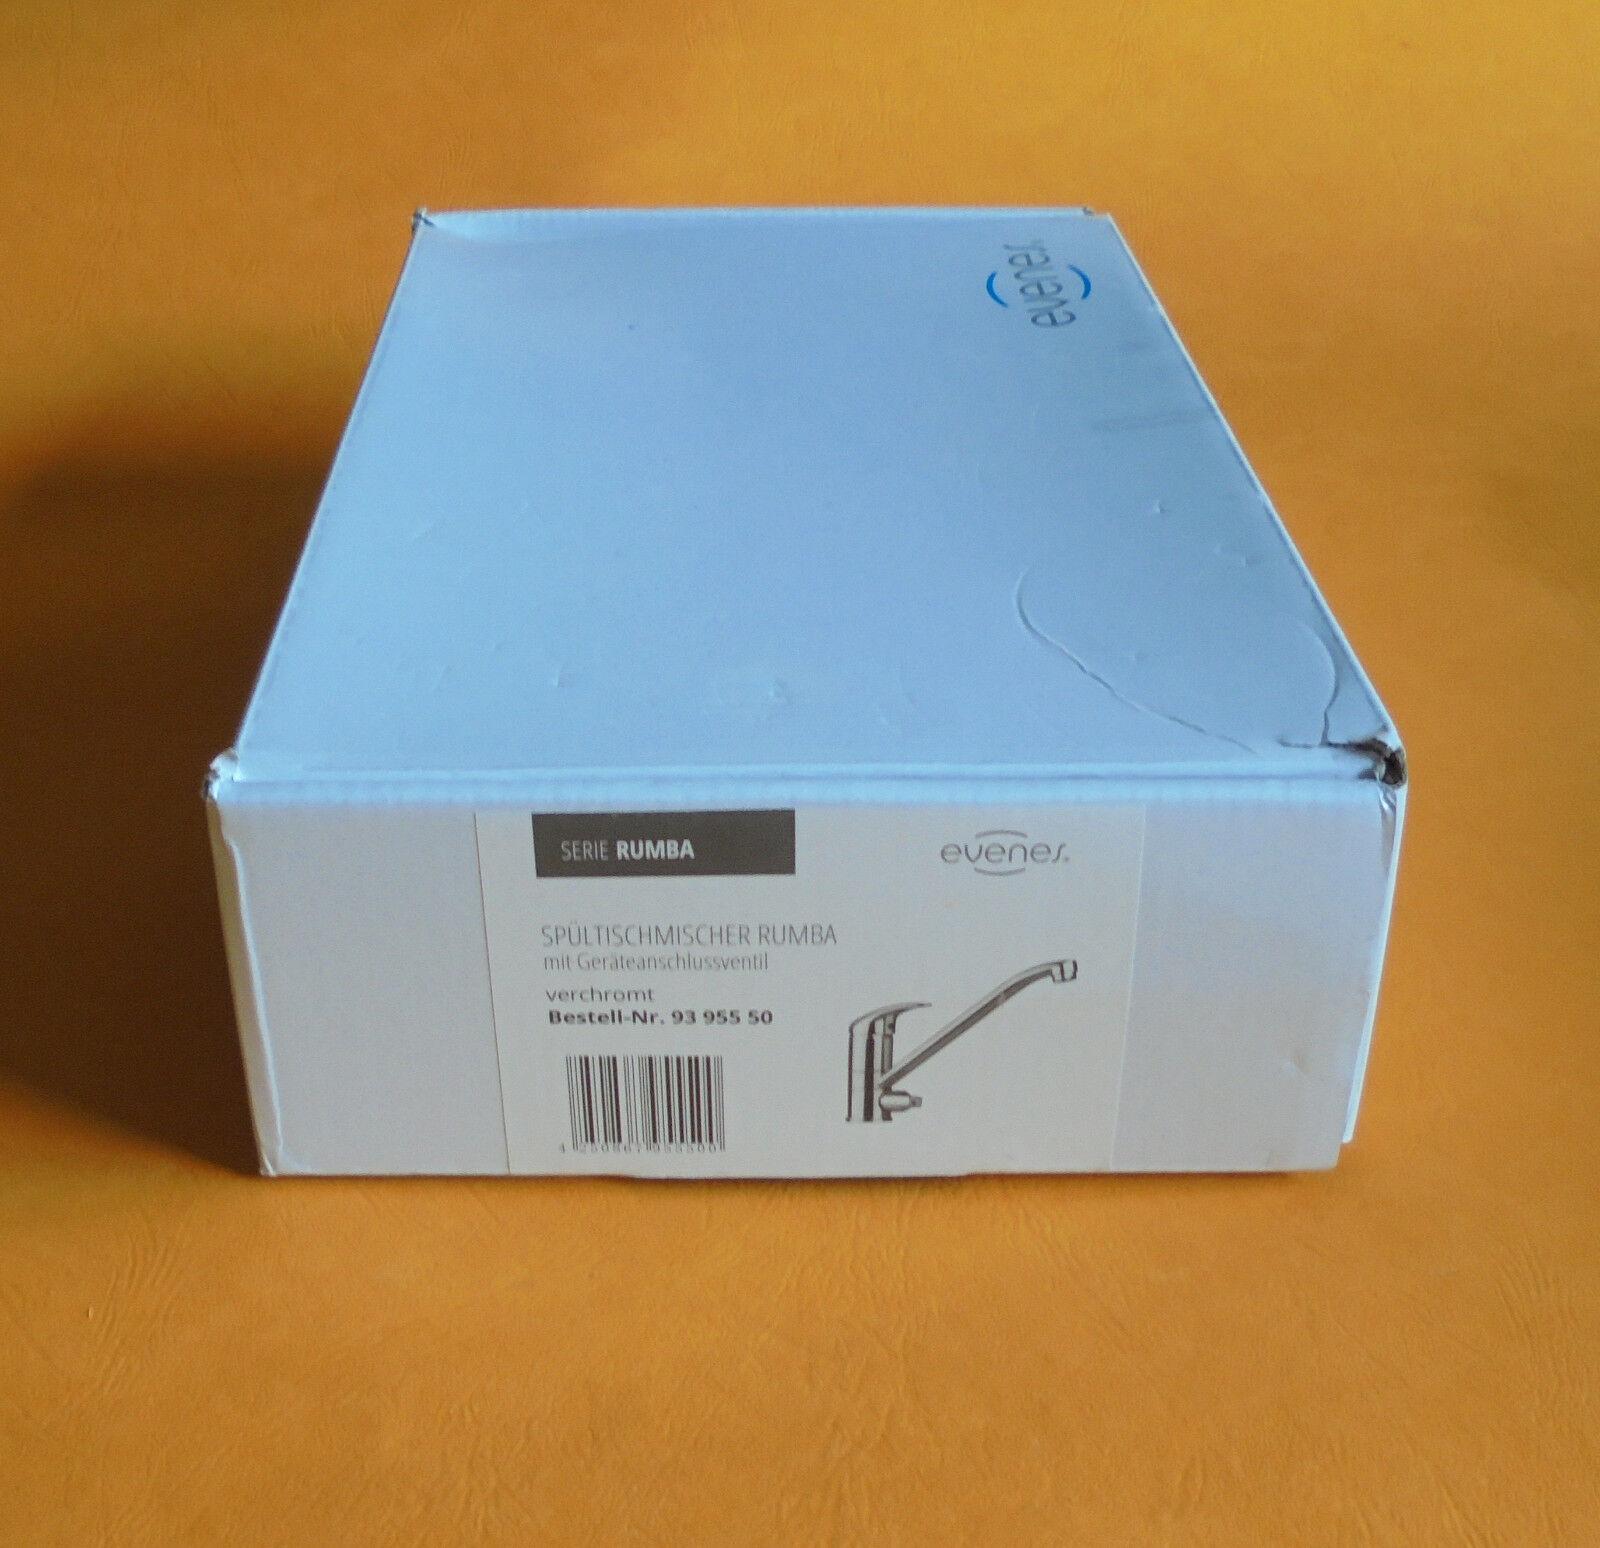 Rumba2 Spülearmatur  Geräteventil Küchenarmatur   9395550 | Deutschland Outlet  | Auf Verkauf  | Elegante Und Stabile Verpackung  | Online Outlet Shop